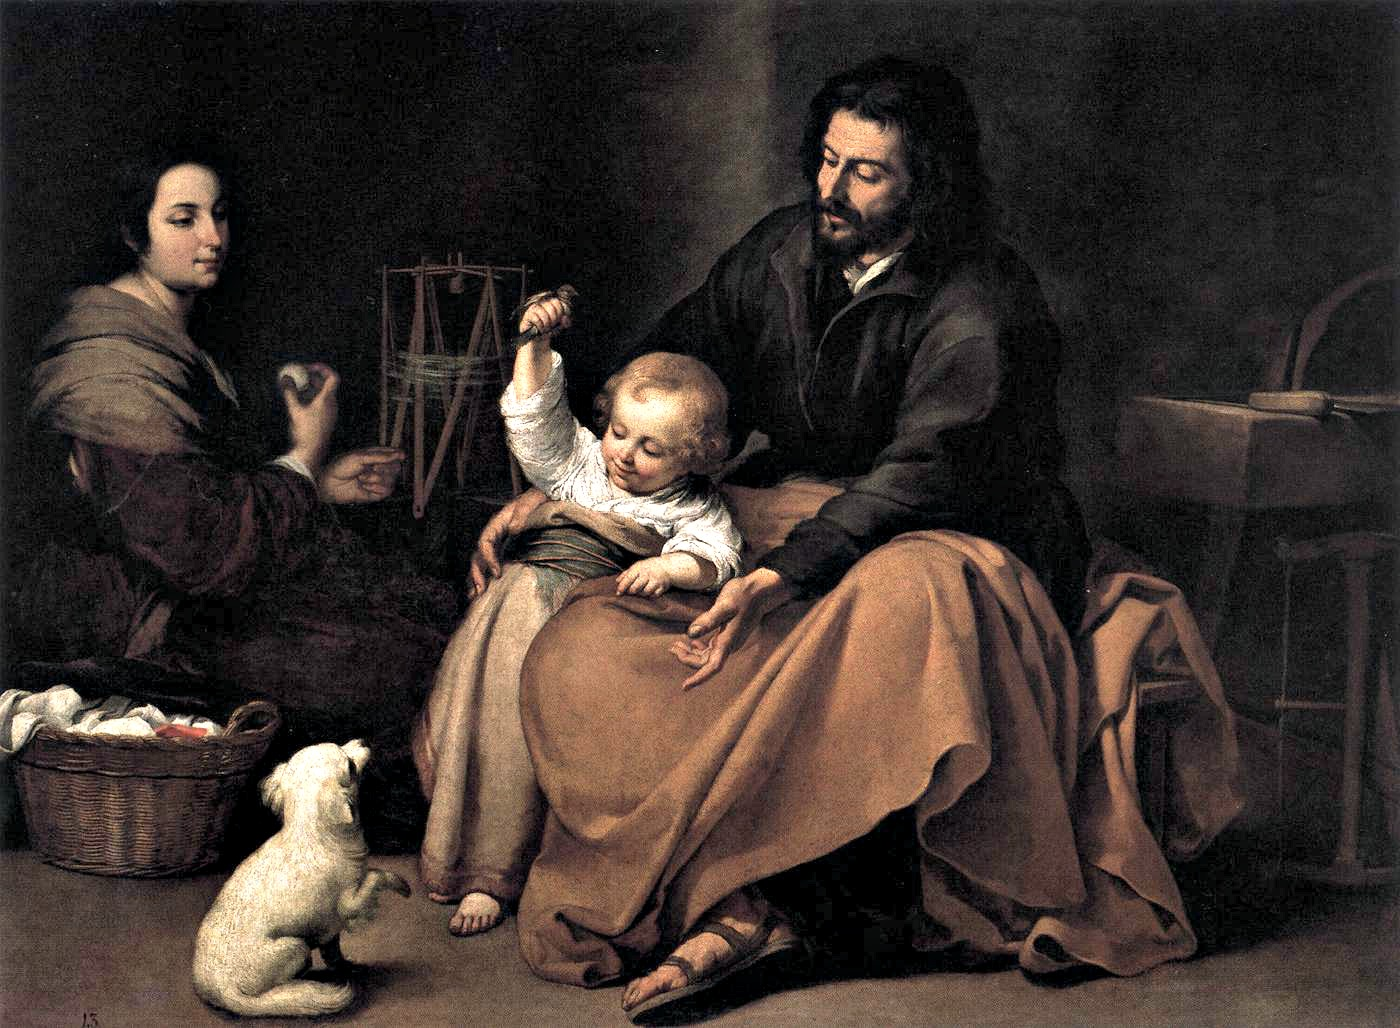 Bartolomé_Esteban_Perez_Murillo_-_The_Holy_Family_with_a_Bird_-_WGA16356